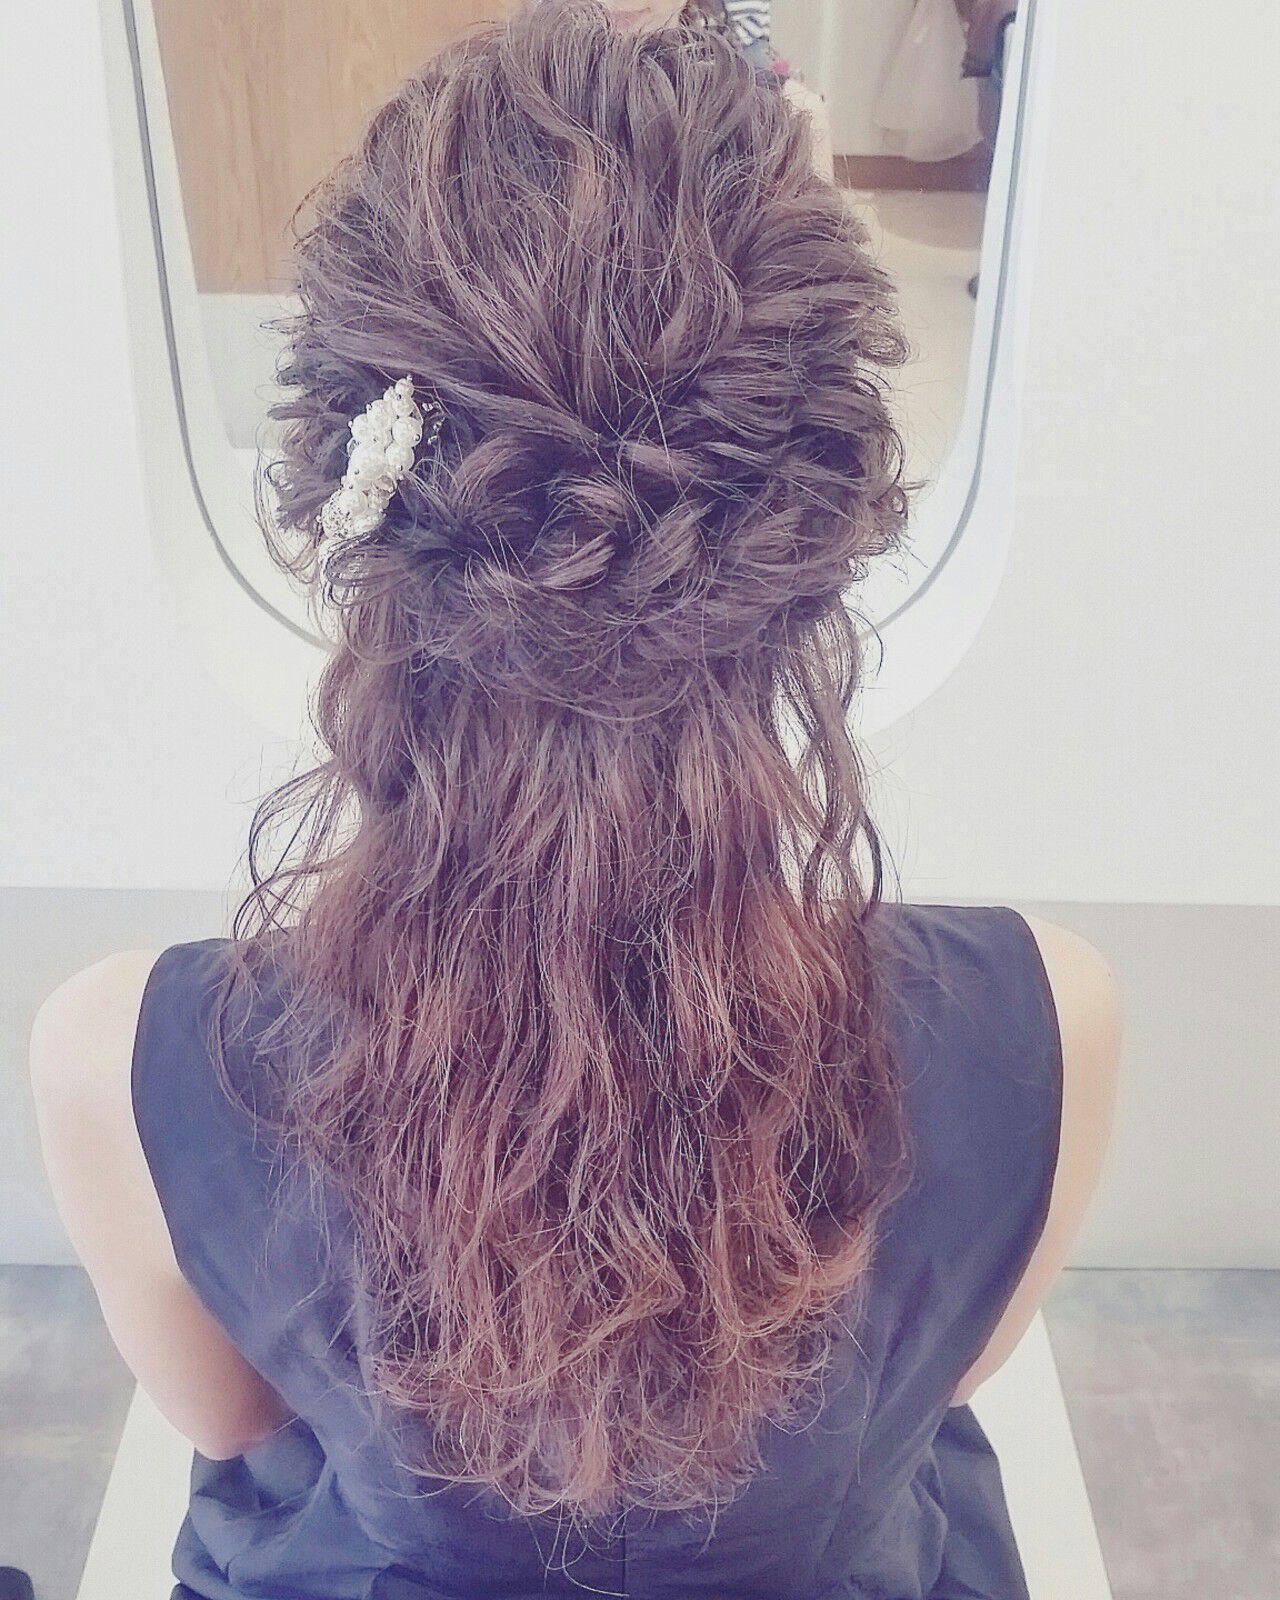 ハーフアップ ショート 簡単ヘアアレンジ 編み込みヘアスタイルや髪型の写真・画像